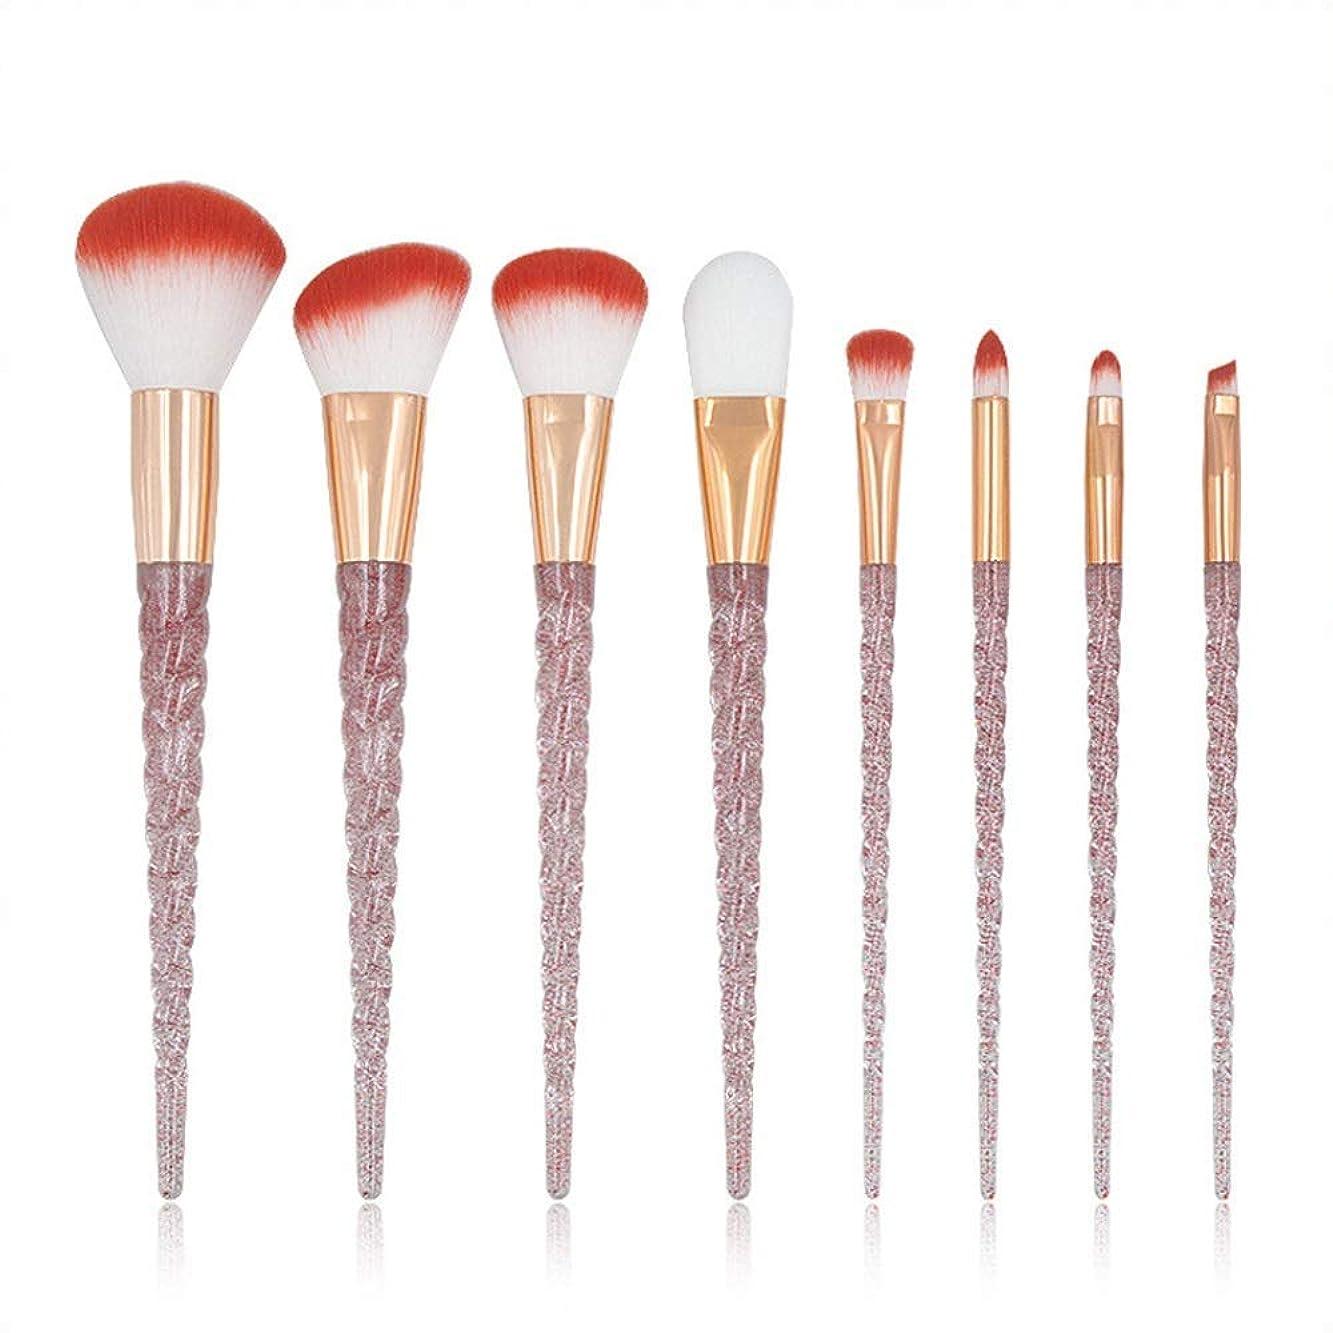 増幅するアミューズメントおっと化粧ブラシ化粧ブラシセット、ユニコーン透明ハンドル化粧ブラシセットレッドドットダイヤモンドファンデーションブラシ(8PCS)